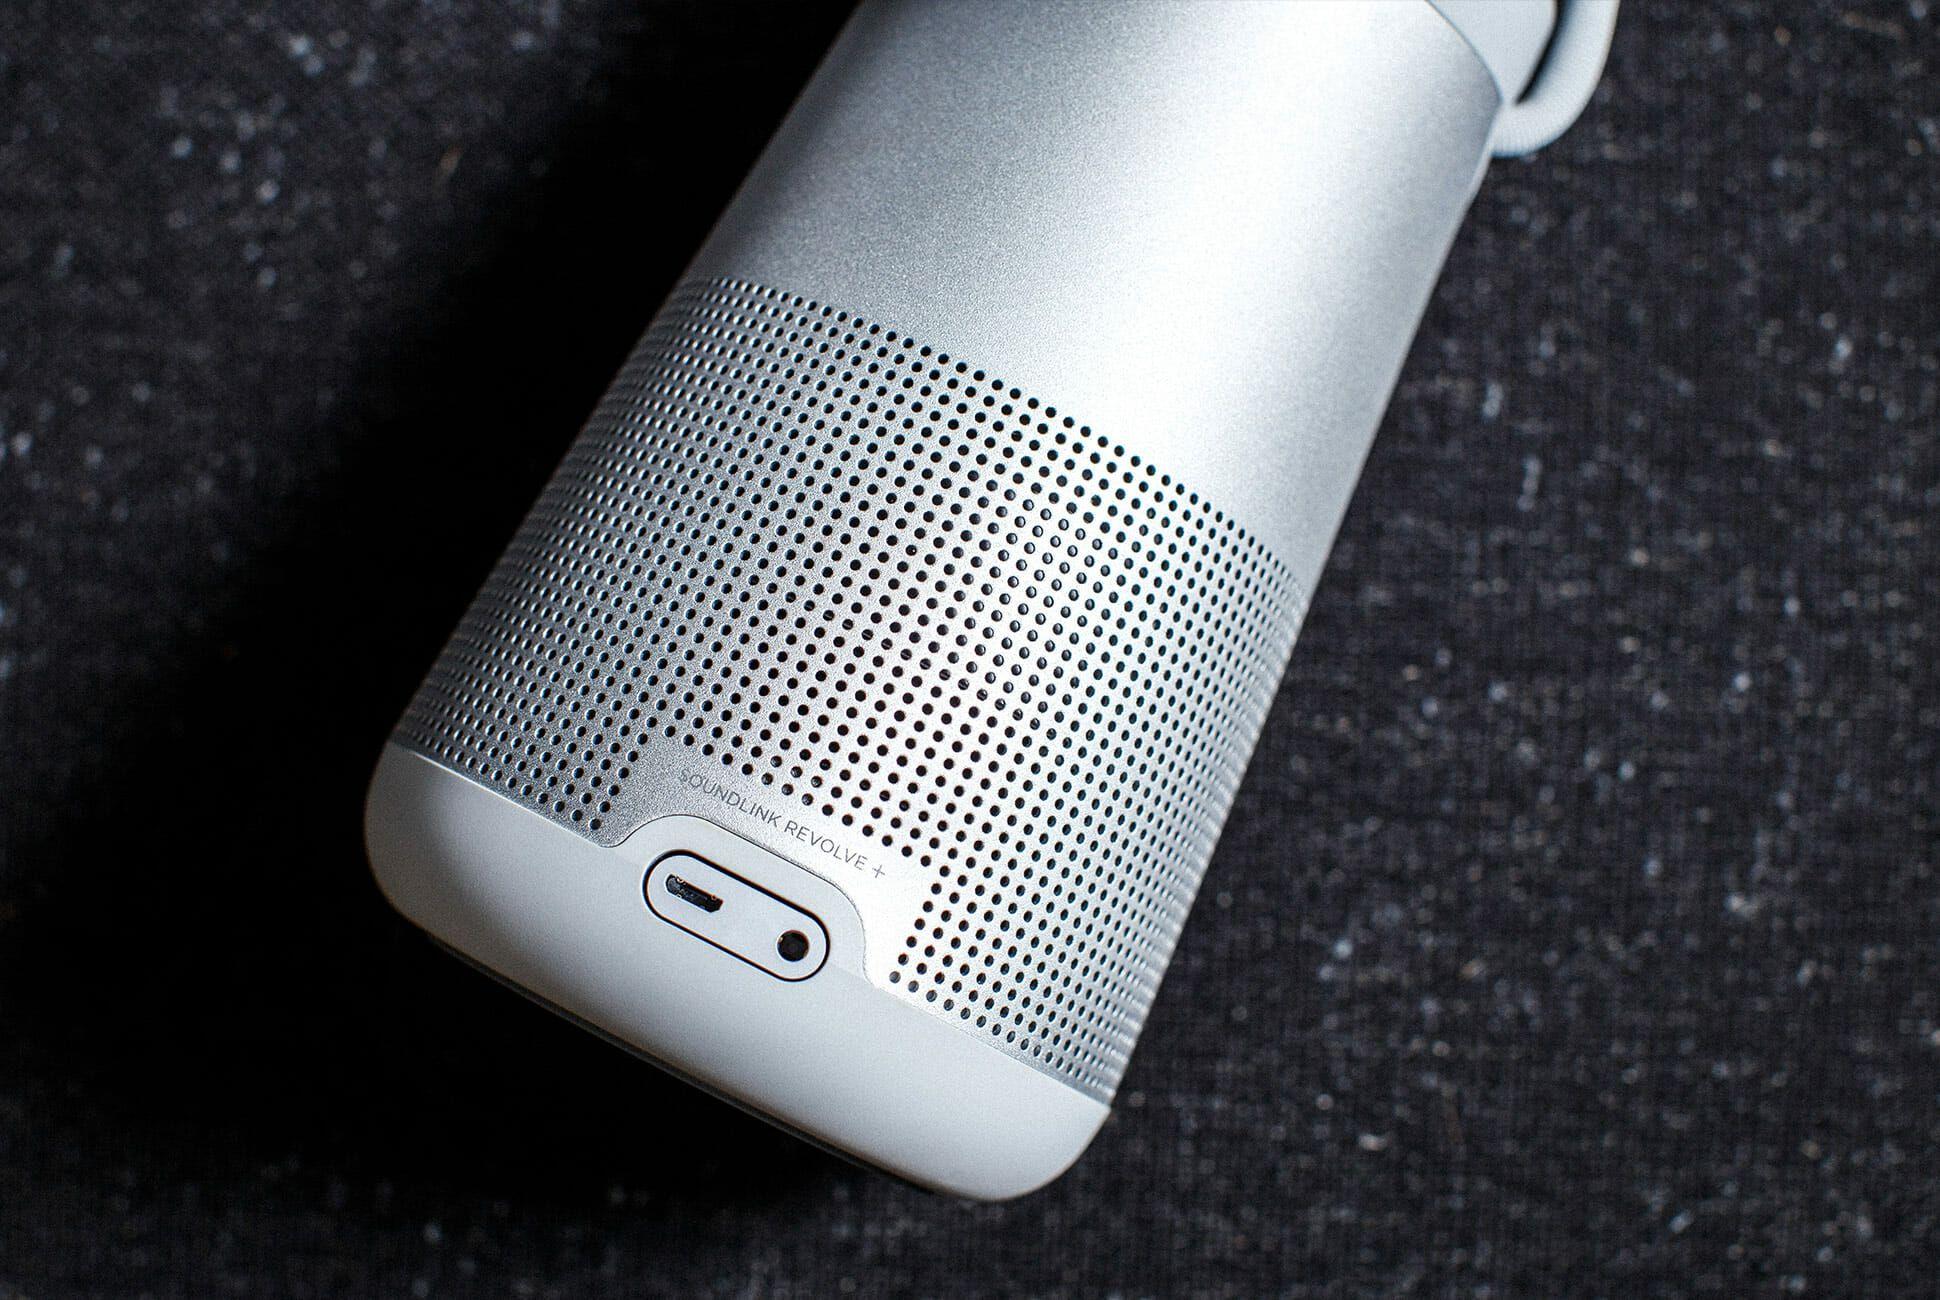 Bose-SoundLink-Revolve-Review-gear-patrol-slide-2